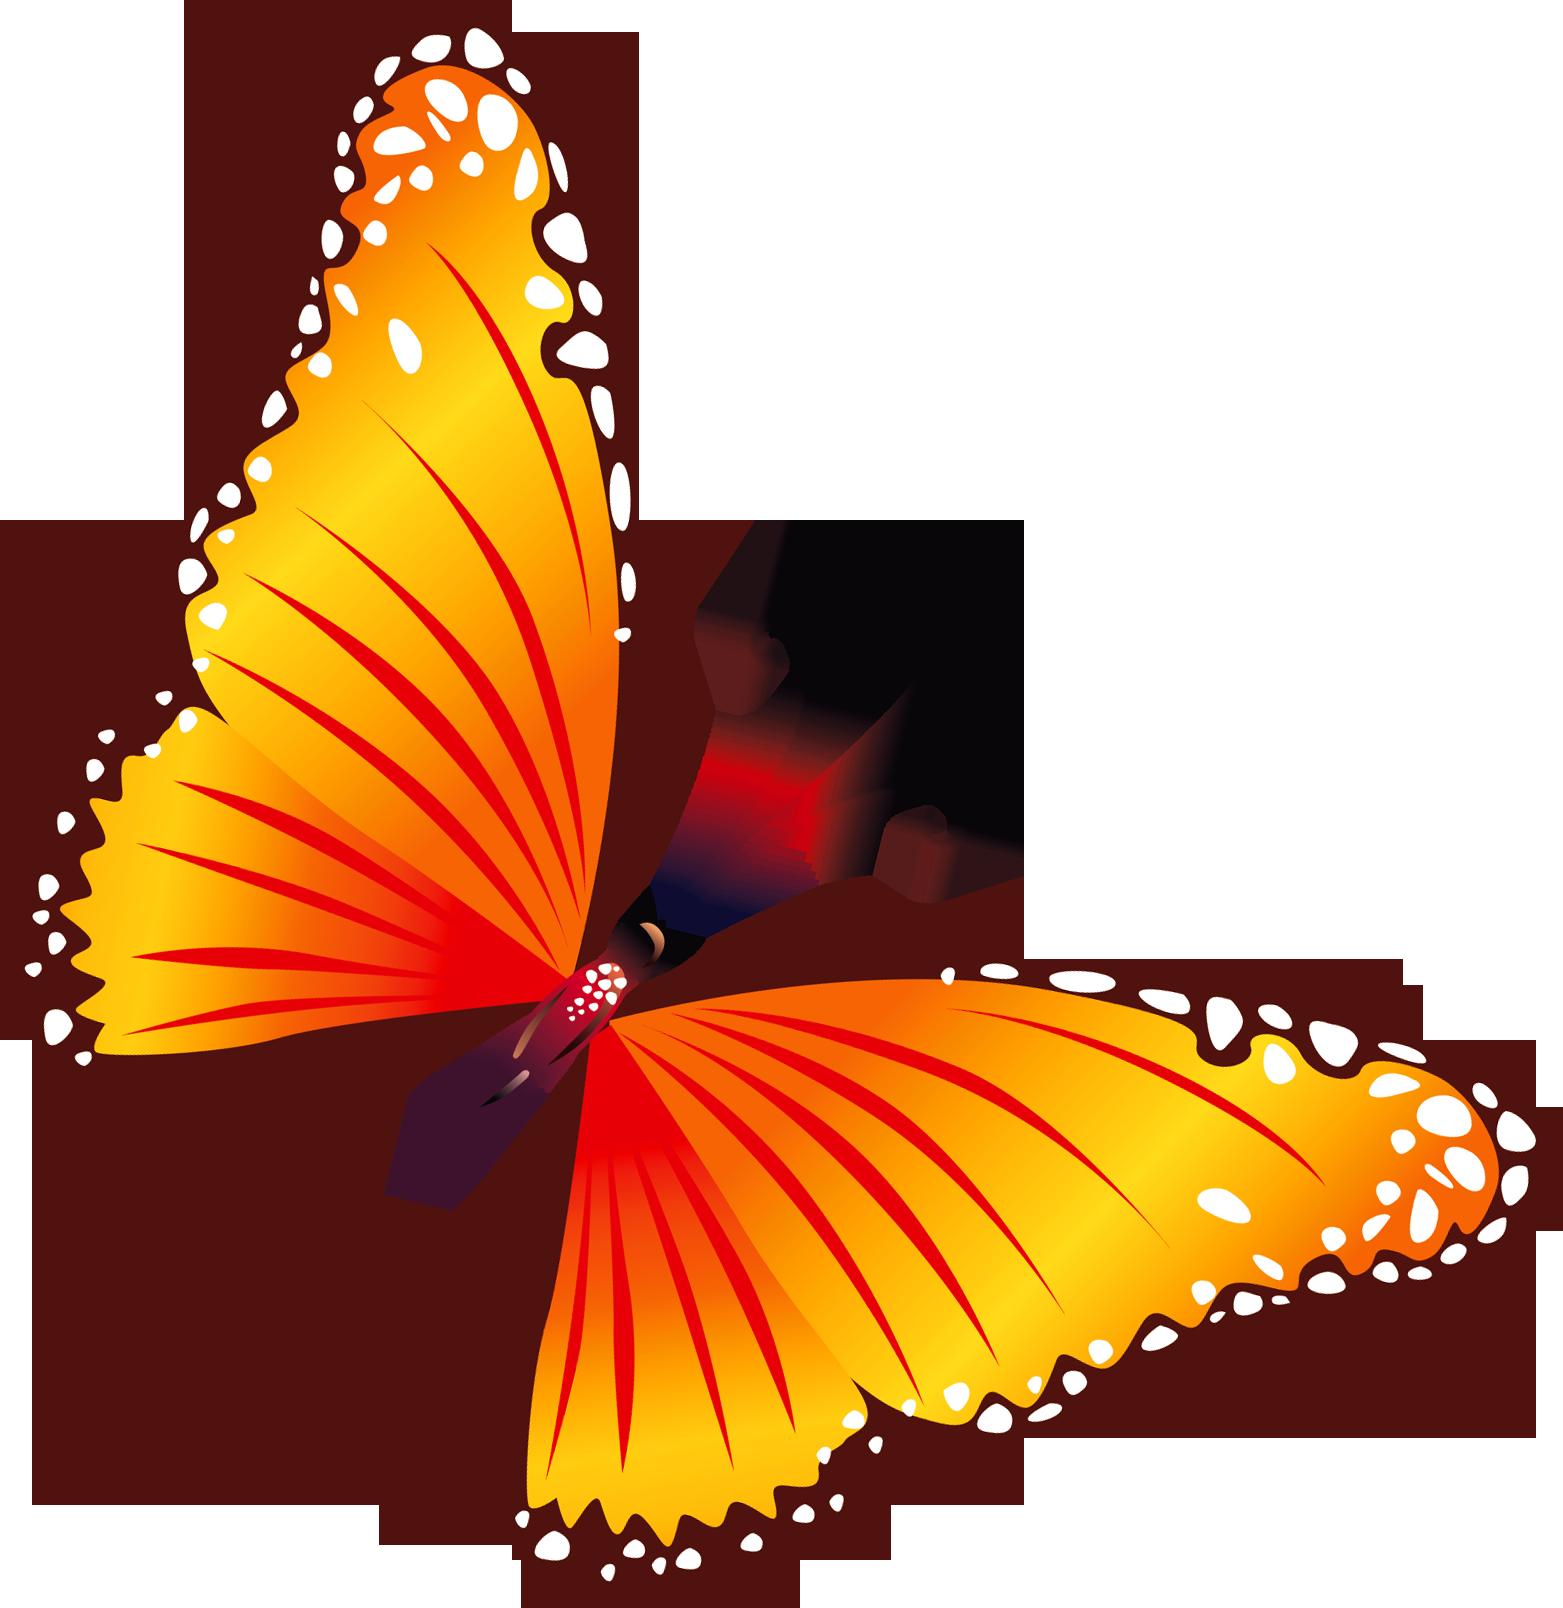 Картинки бабочки для детей на прозрачном фоне, мужу